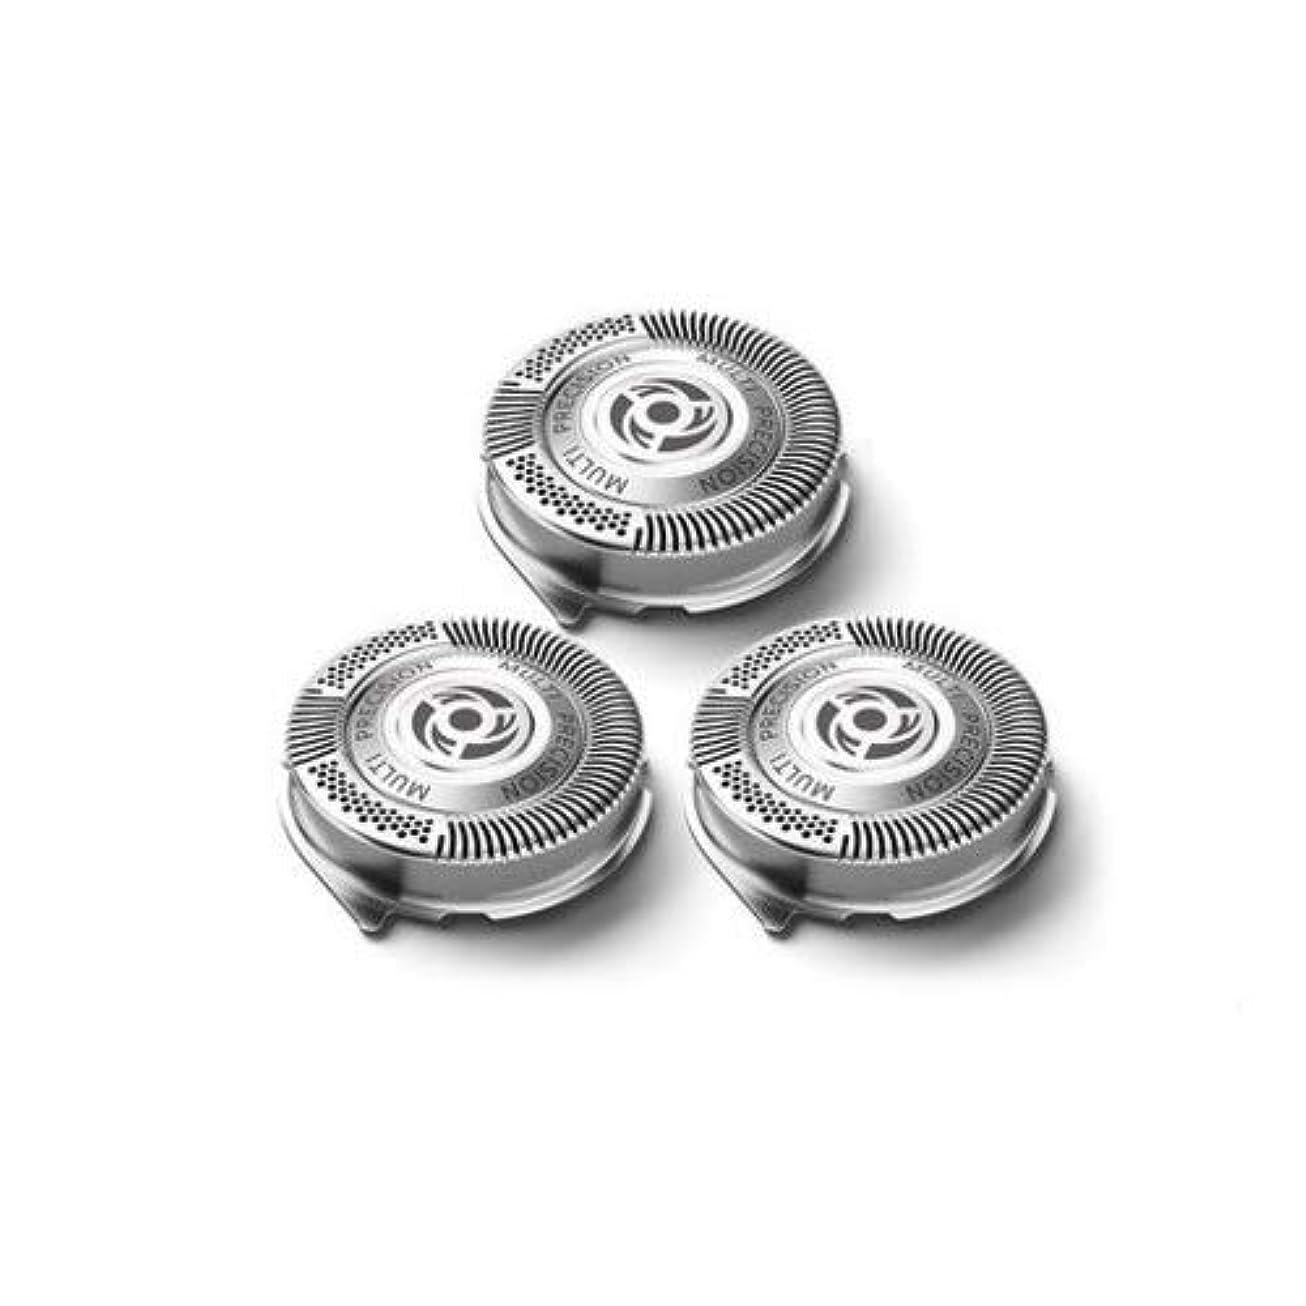 触手行く飲み込むシェーバーカミソリヘッド交換 替え刃 に適用するPhilips SH50 DualPrecisionヘッド(3個)